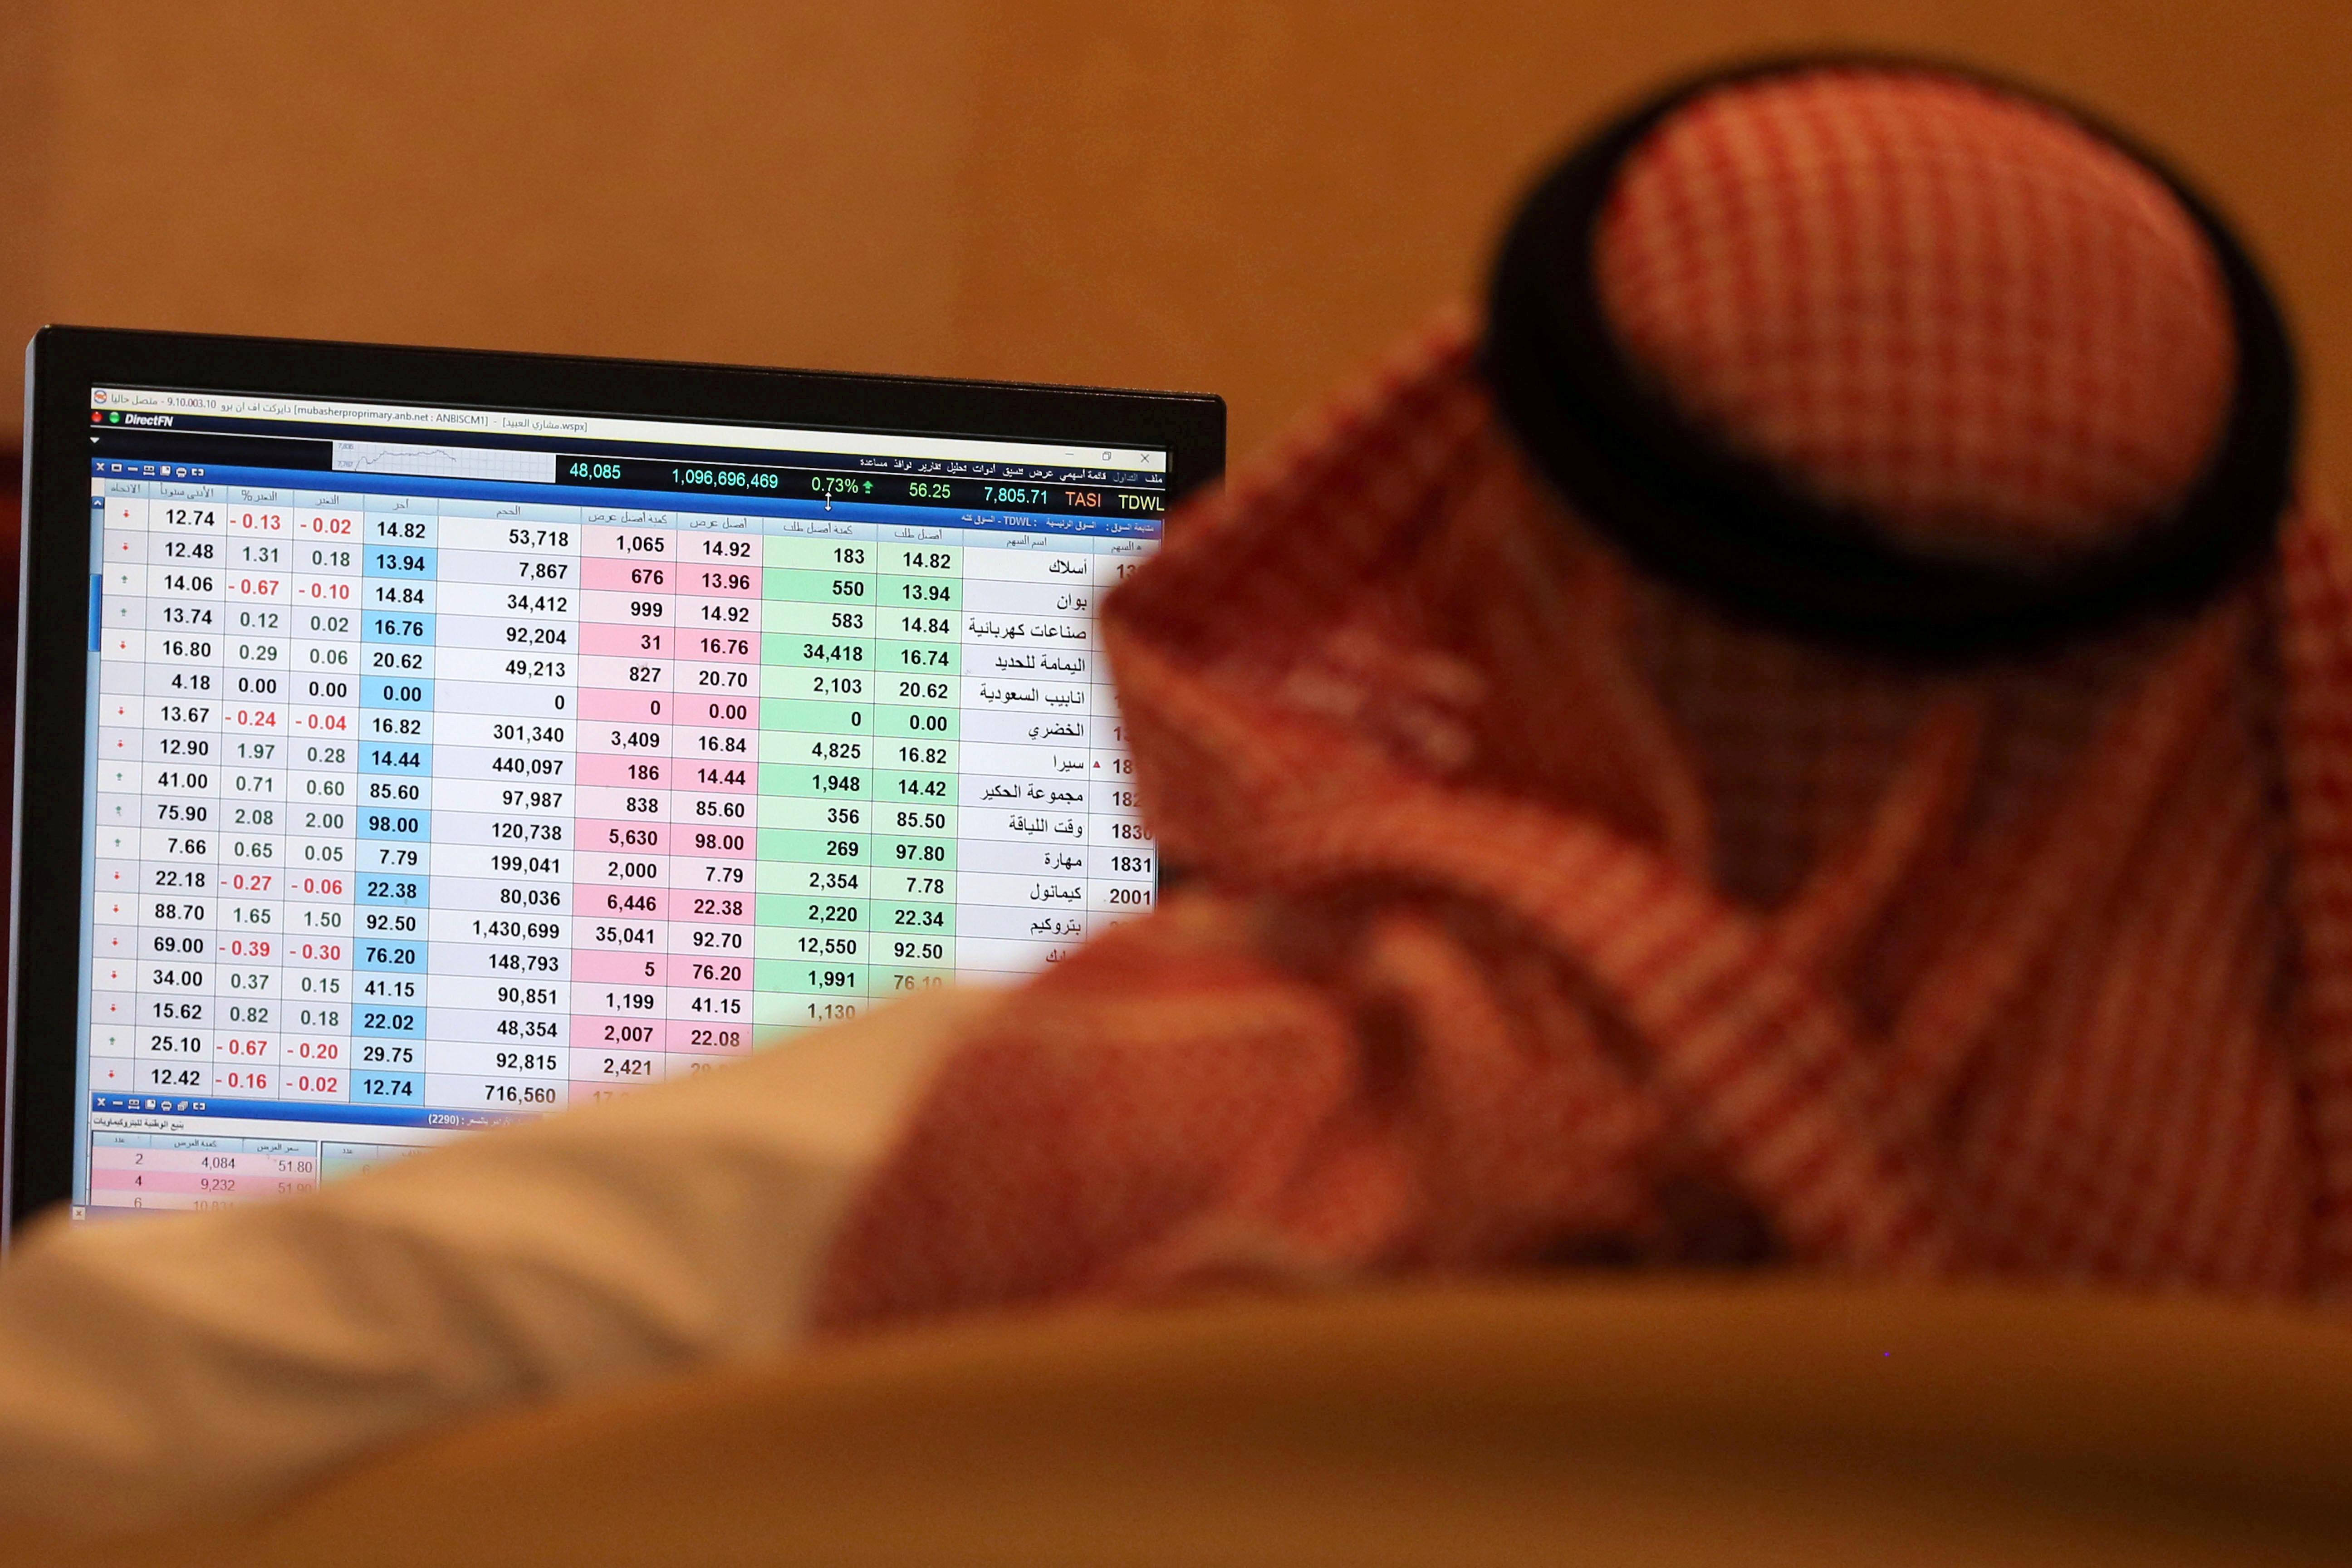 مؤشر سوق الأسهم السعودية يغلق على ارتفاع عند مستوى 7927  نقطة   صحيفة الاقتصادية